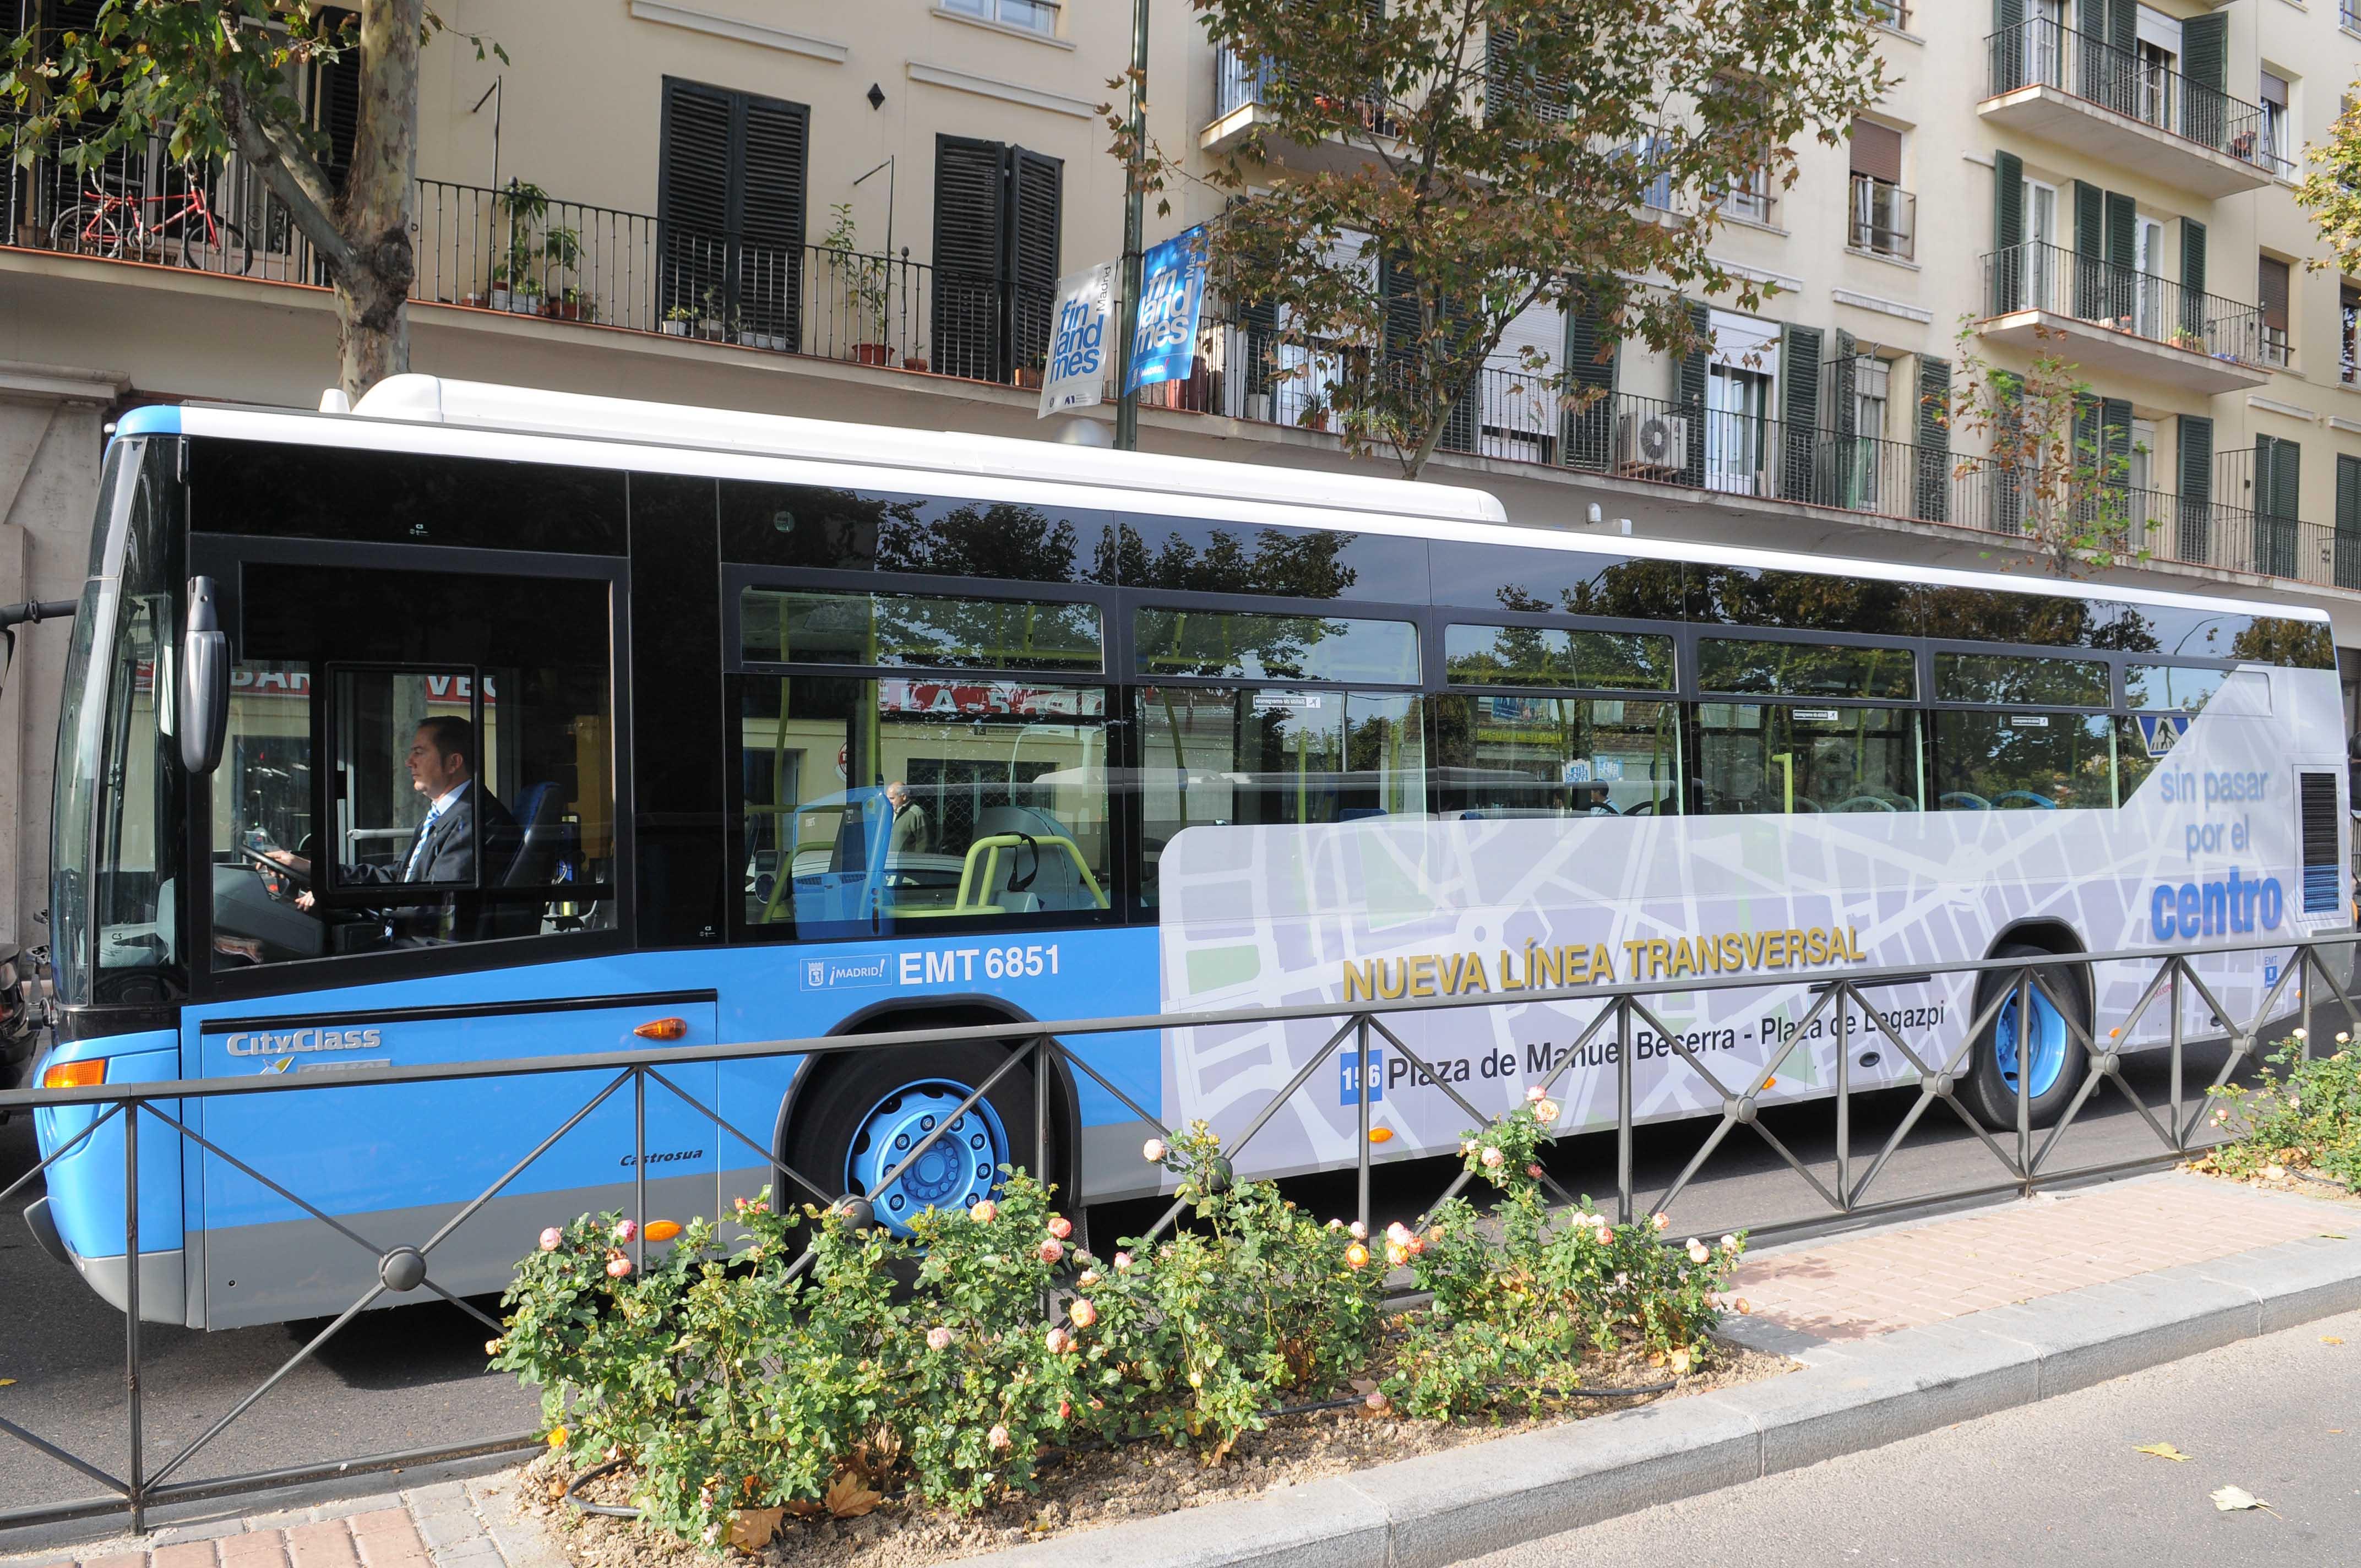 En autob s de manuel becerra a legazpi ayuntamiento de for Piscina 02 manuel becerra